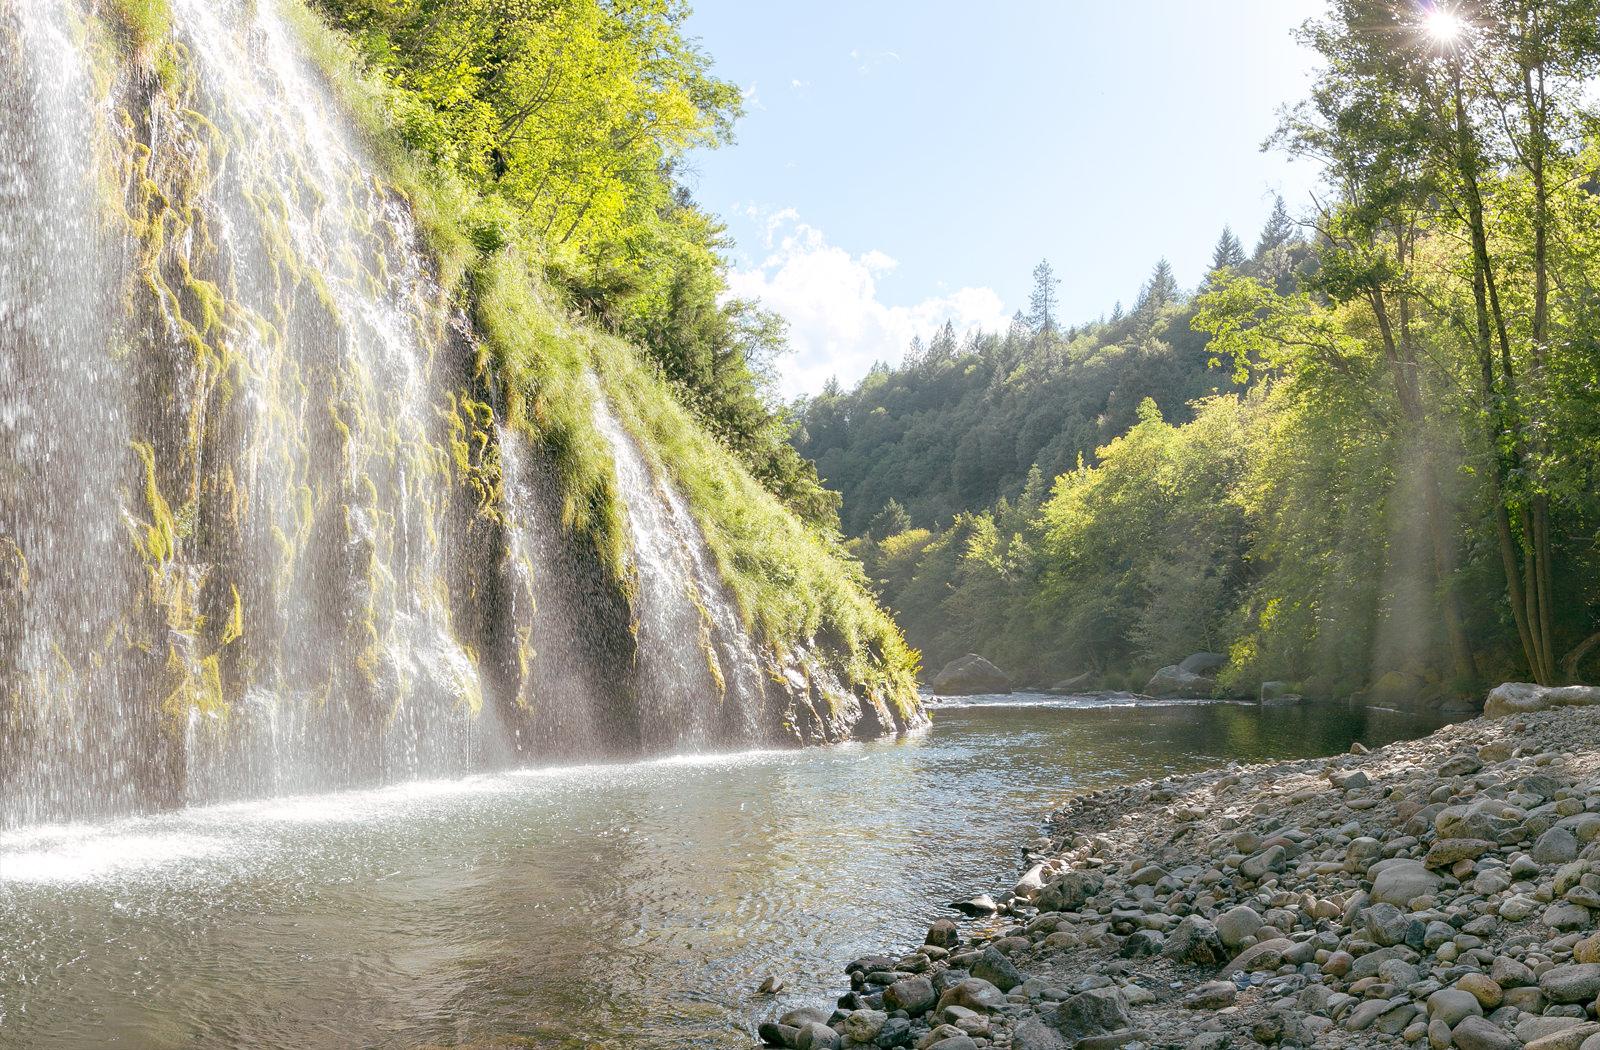 Mossbrae Falls 360